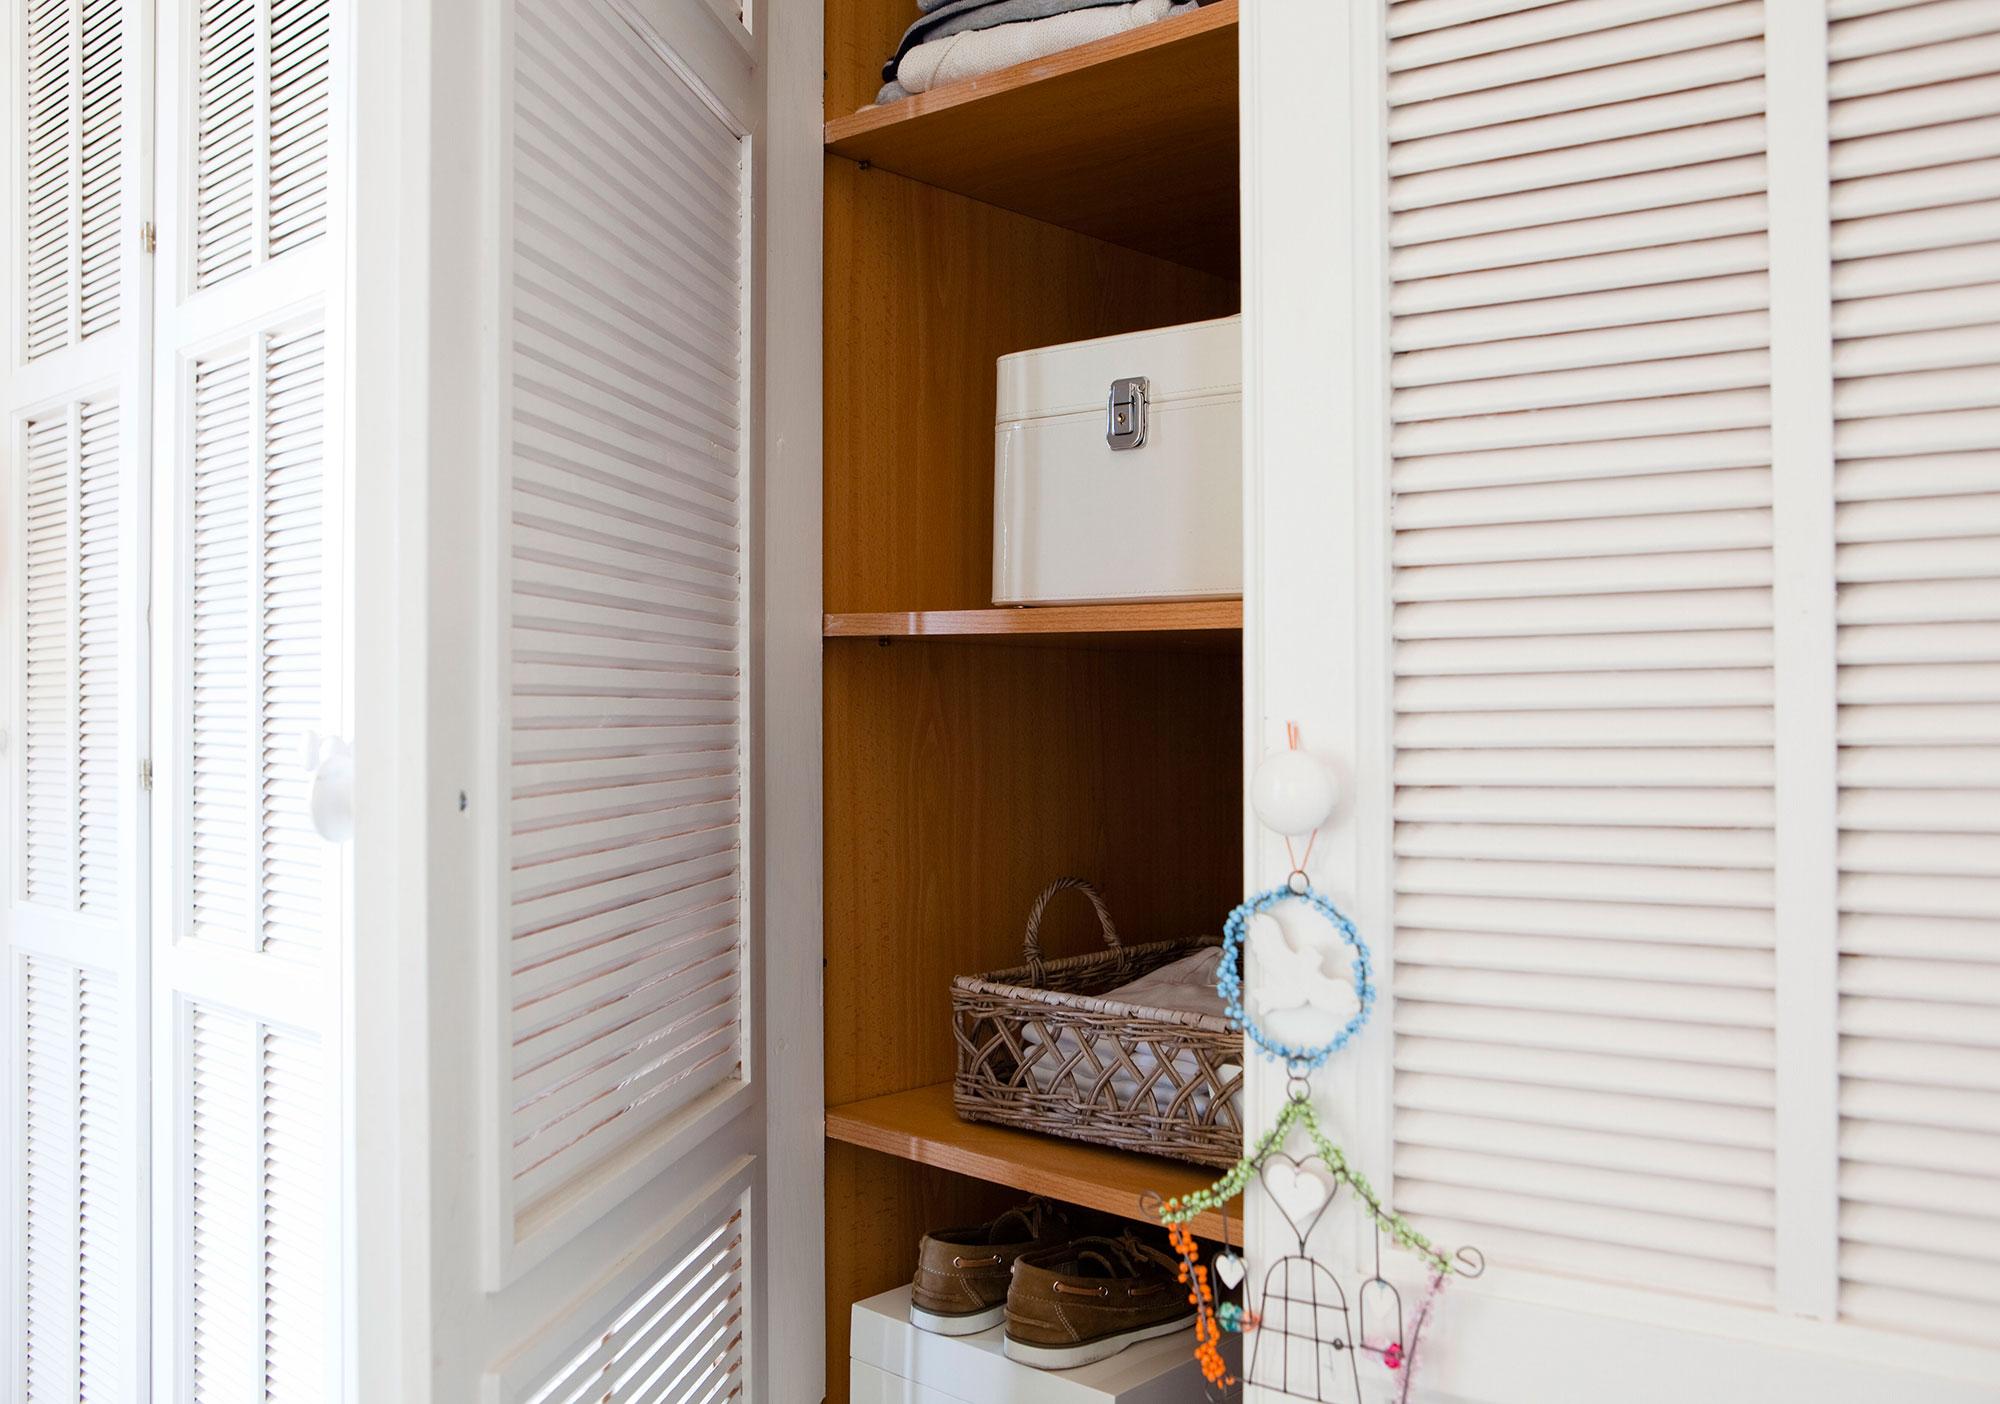 Limpiar casa malas energias feng shui stunning incienso y - Limpiar casa malas energias ...